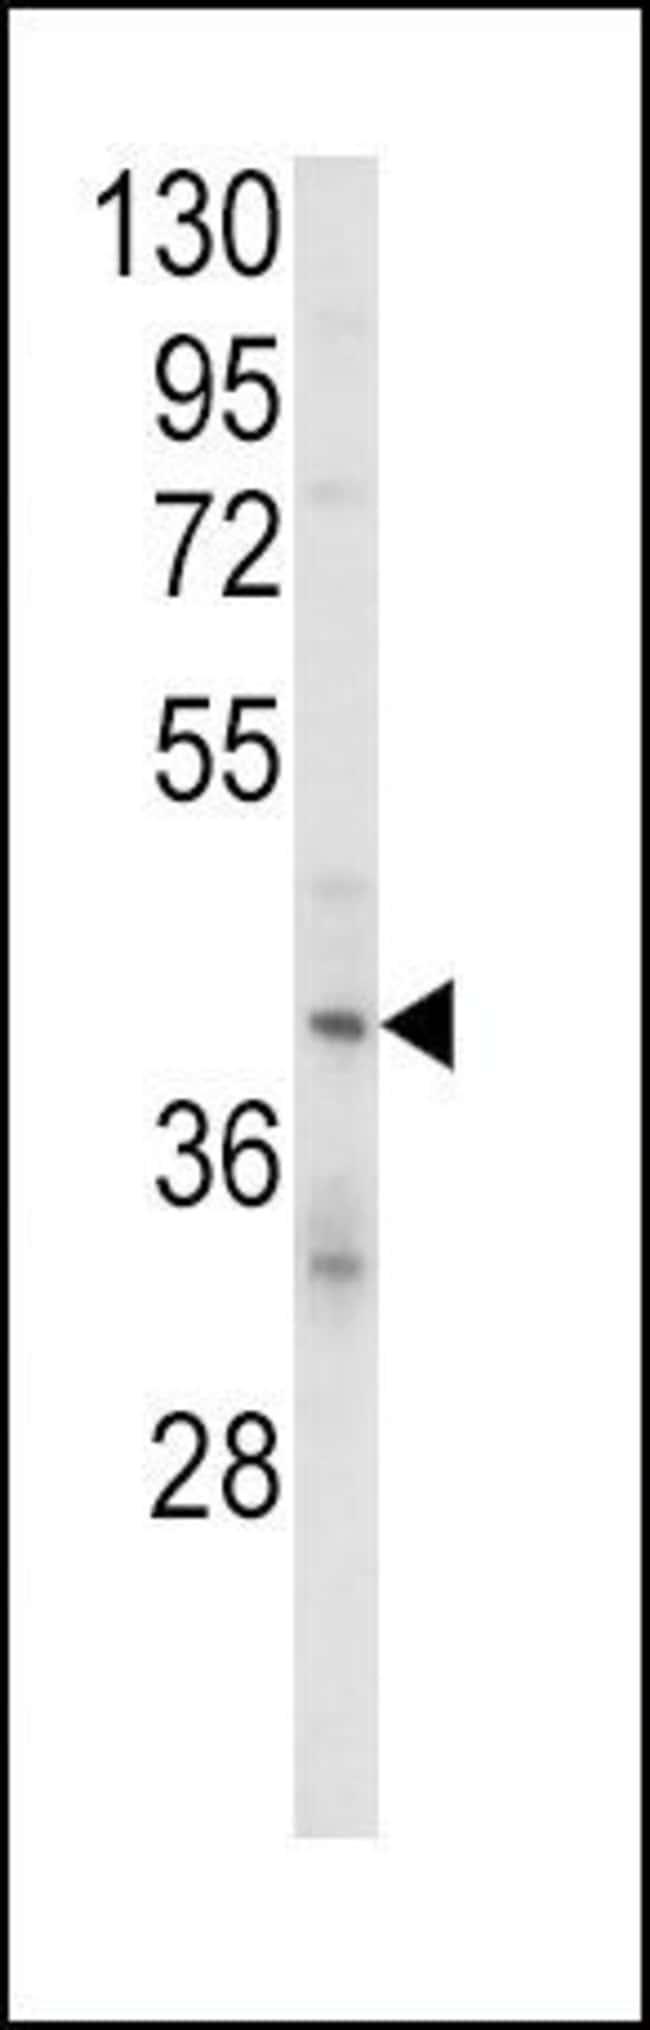 KIR2DL4 Rabbit anti-Human, Polyclonal, Invitrogen 400 µL; Unconjugated